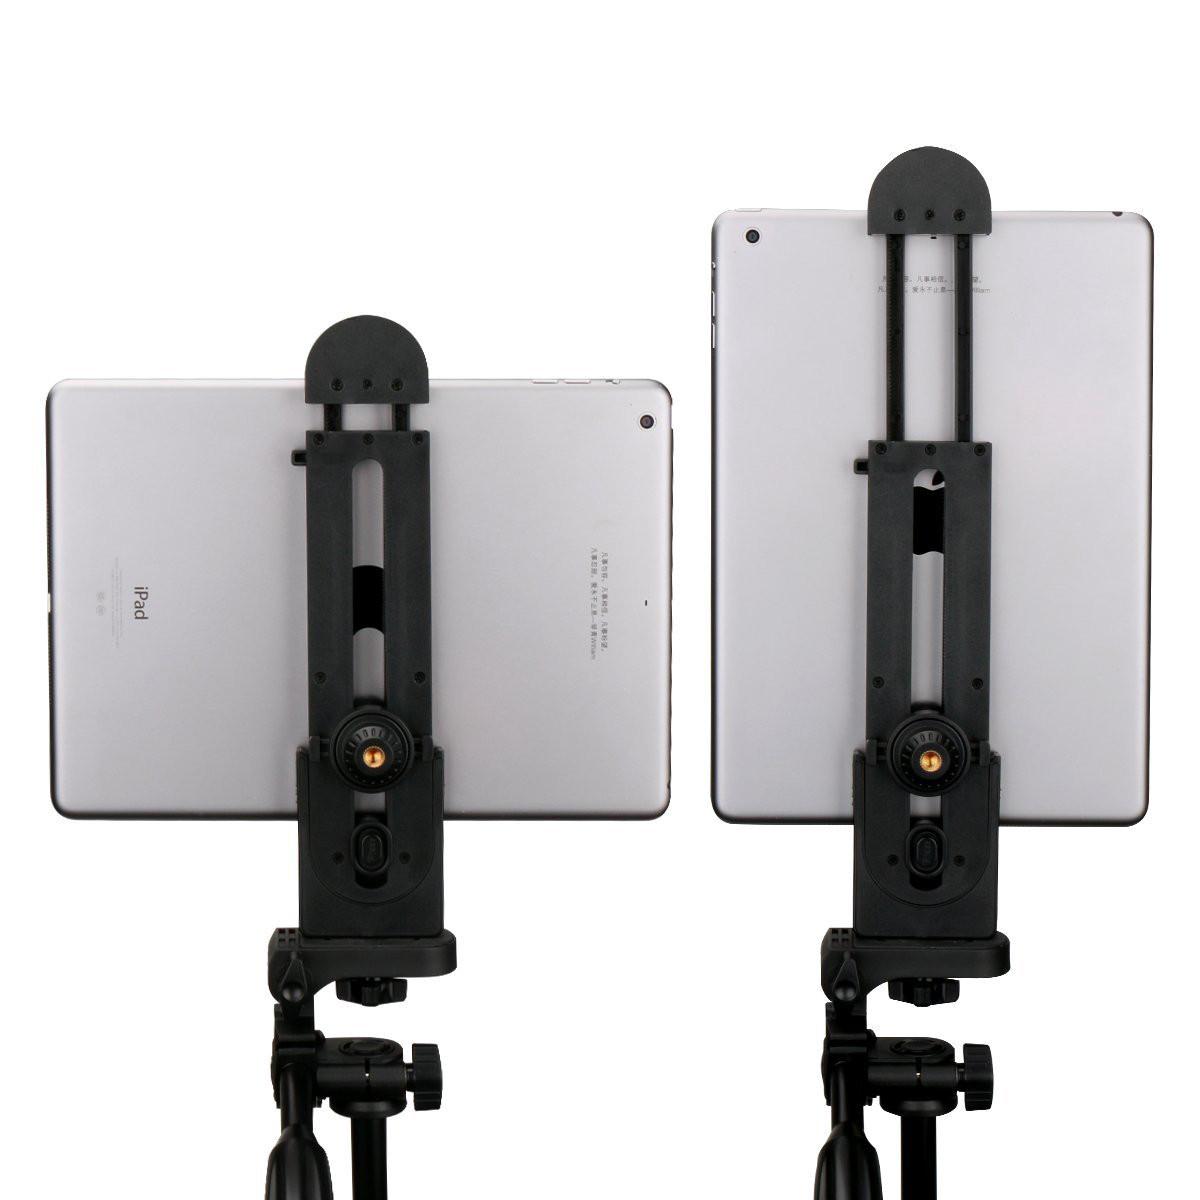 Тримач для планшета, Холдер для iPad, Кріплення планшета під штатив, адаптер планшета під трипод, монопод.